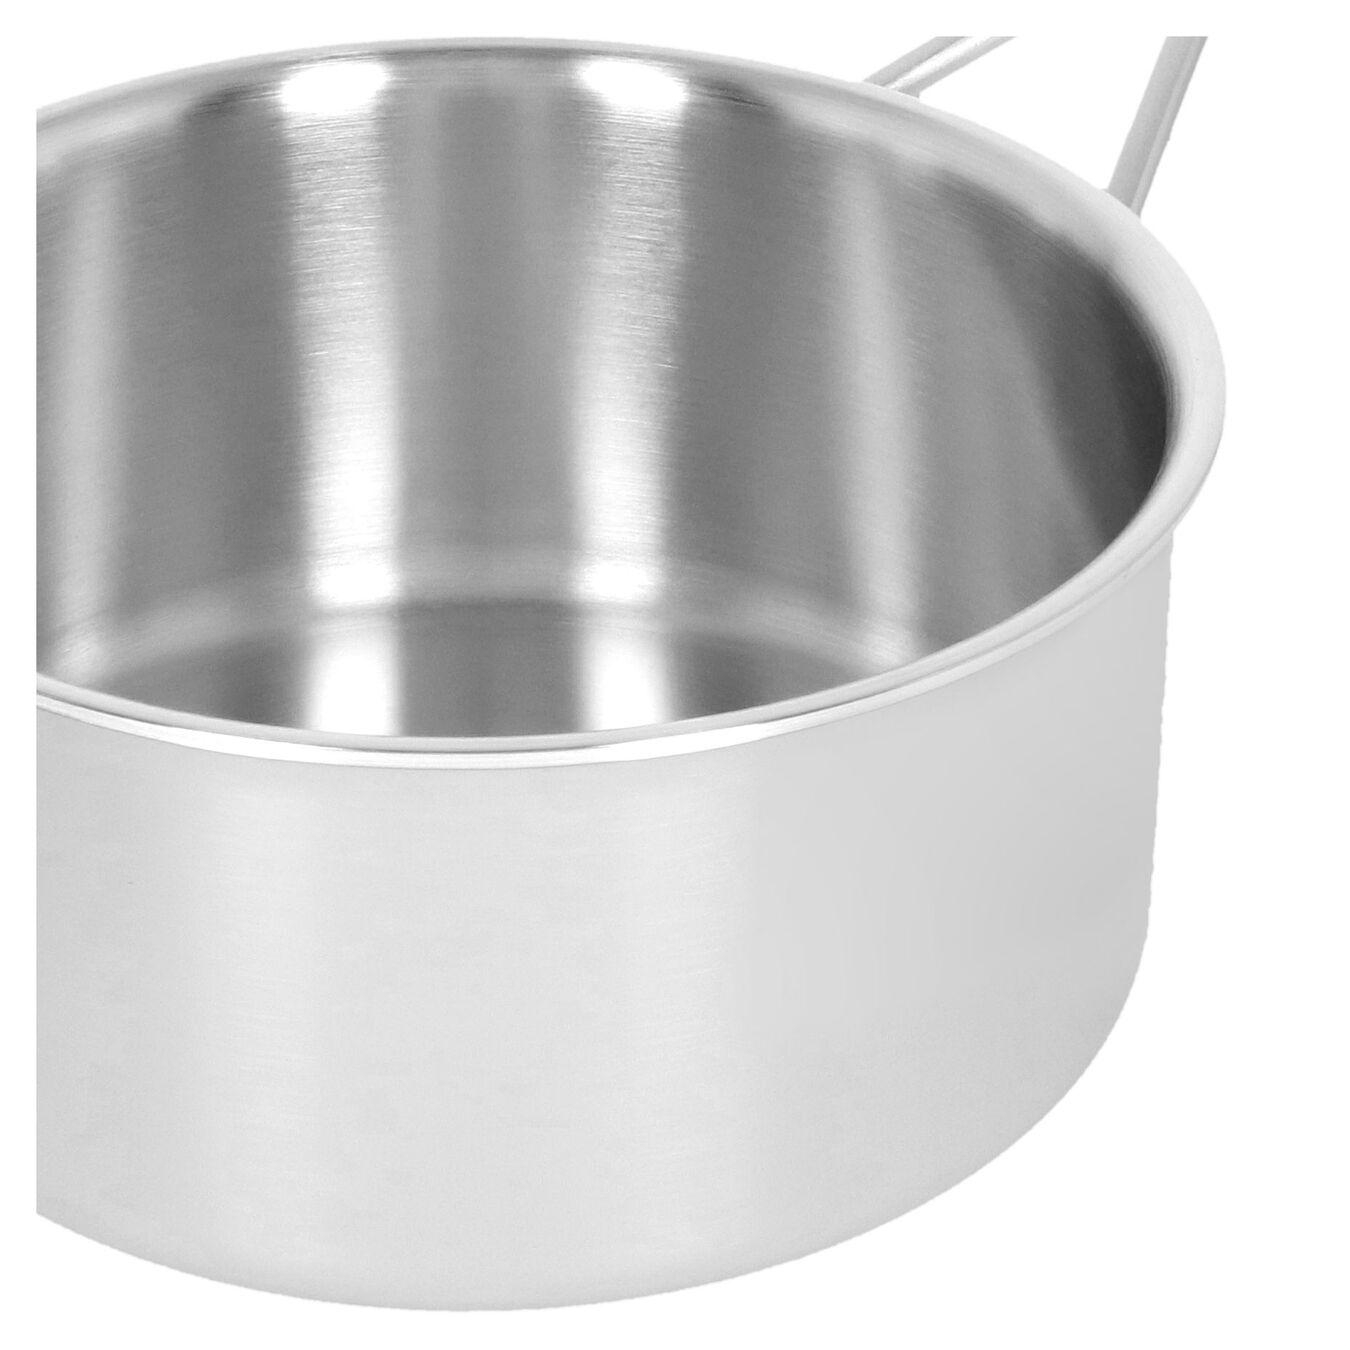 Stieltopf mit Deckel 20 cm, 18/10 Edelstahl, Silber,,large 5